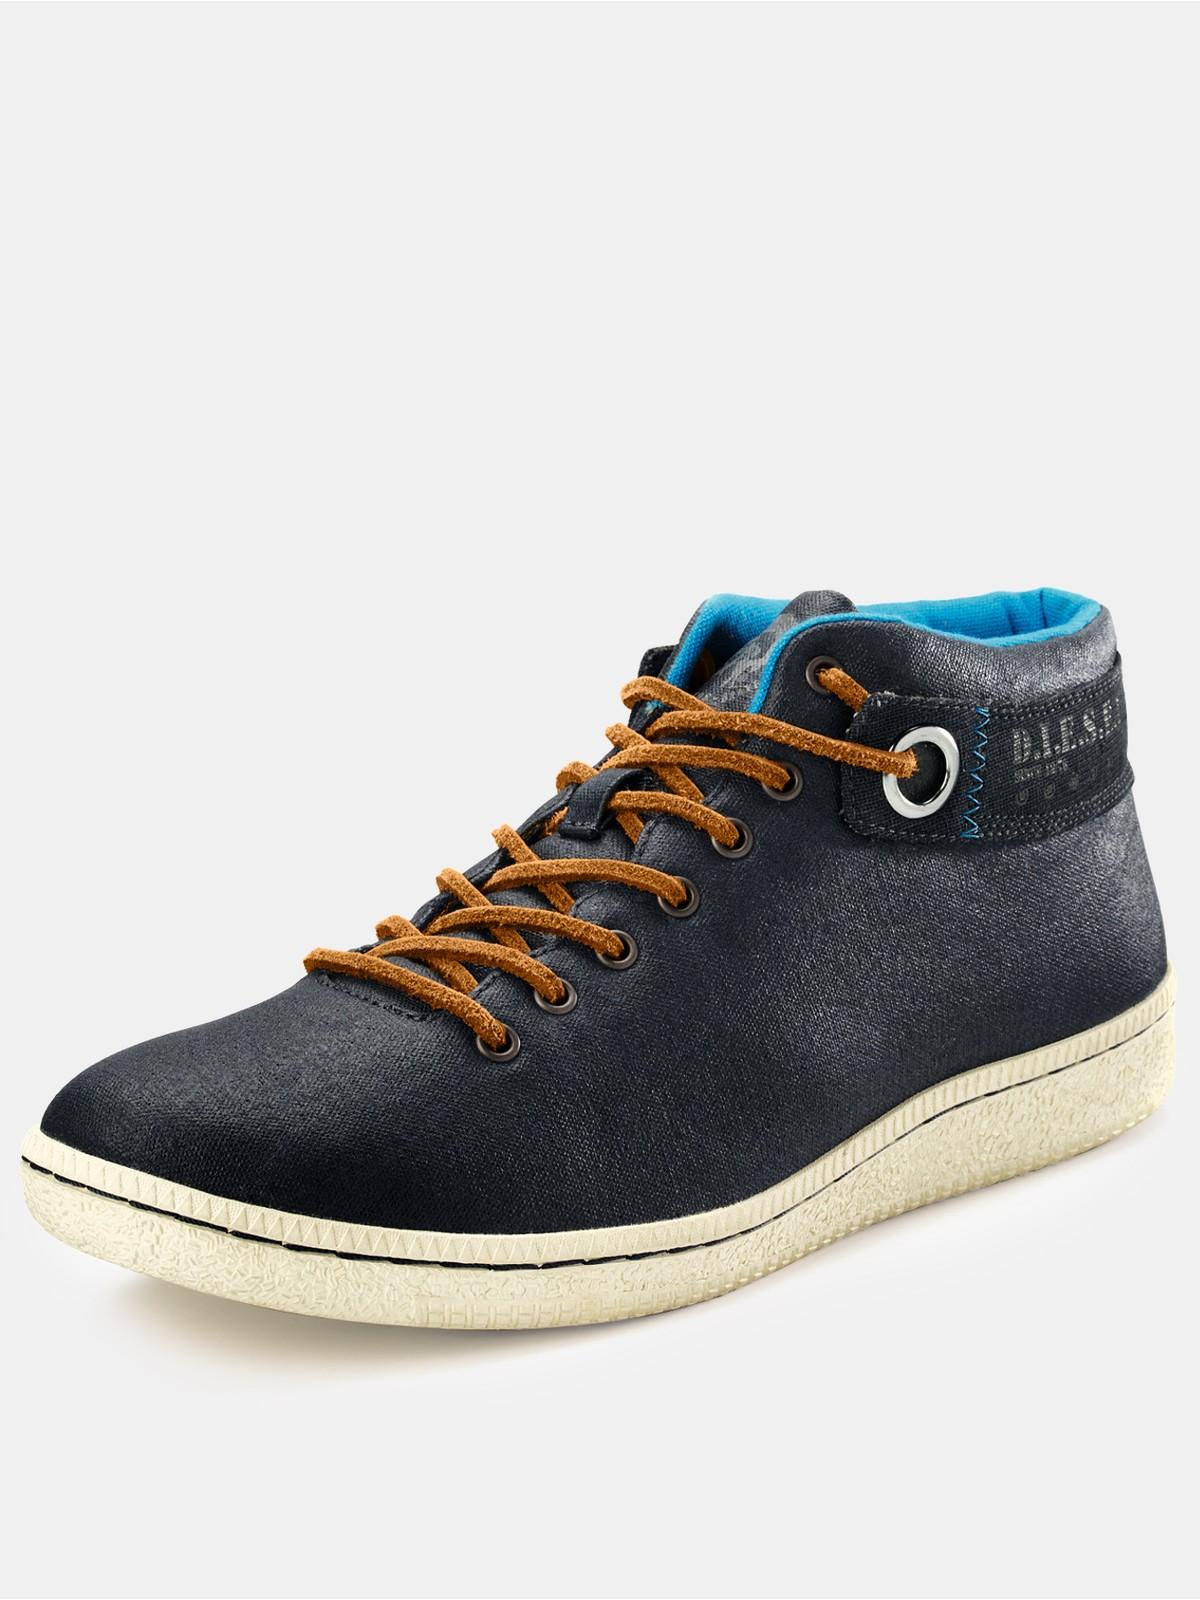 Diesel Diesel Mens Daffy High Top Boots in Brown for Men ...